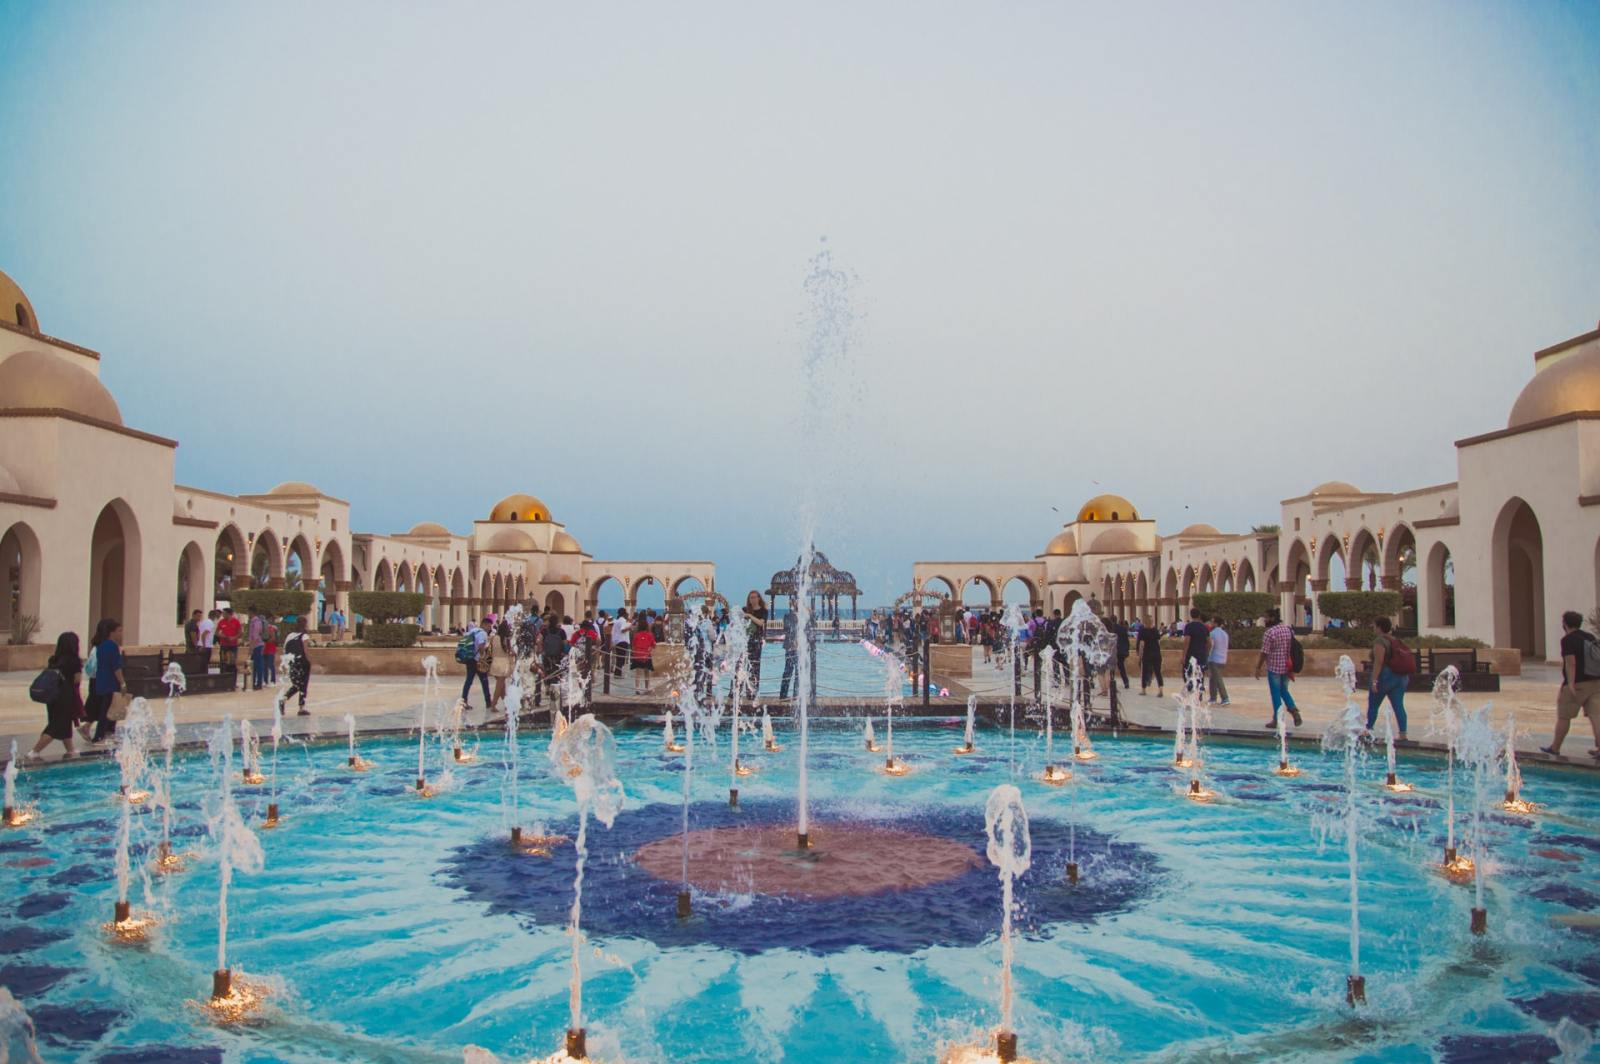 Las mejores zonas donde alojarse en Hurgada, Egipto